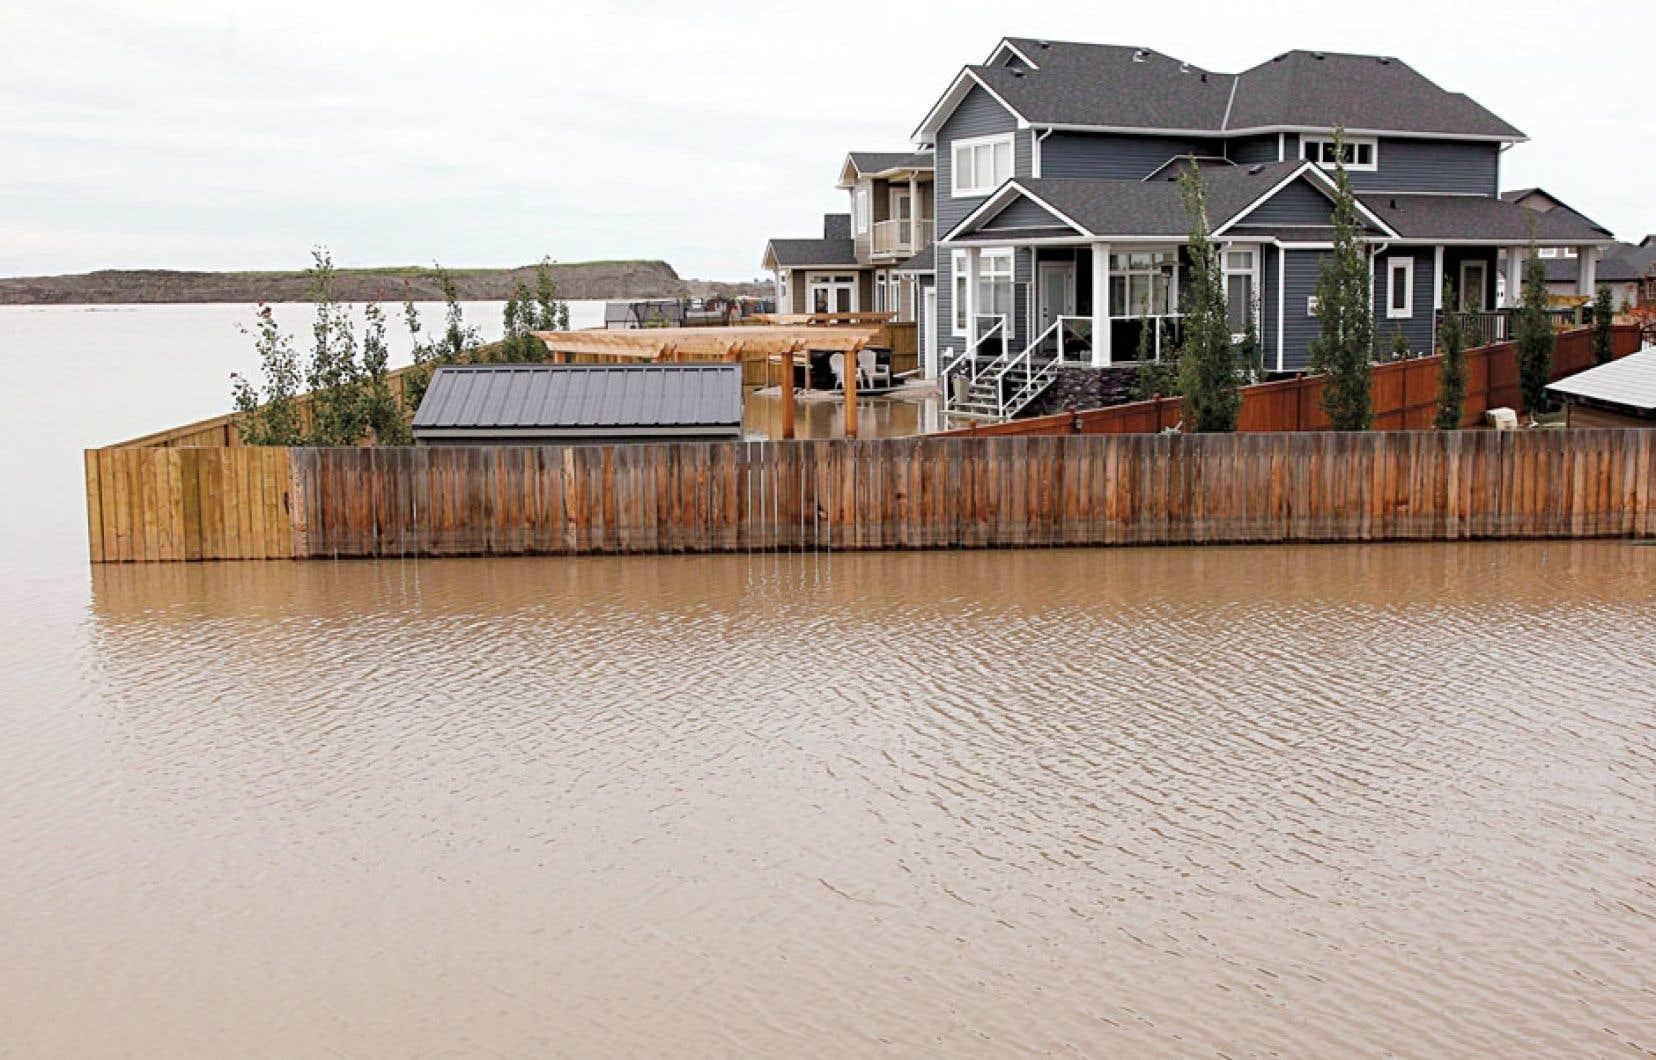 Les Albertains ont constaté l'impact des changements climatiques dans leur cours lors des inondations de juin dernier, ce qui les aurait poussés à envisager la réduction de la dépendance au pétrole, croit Steven Guilbeault.